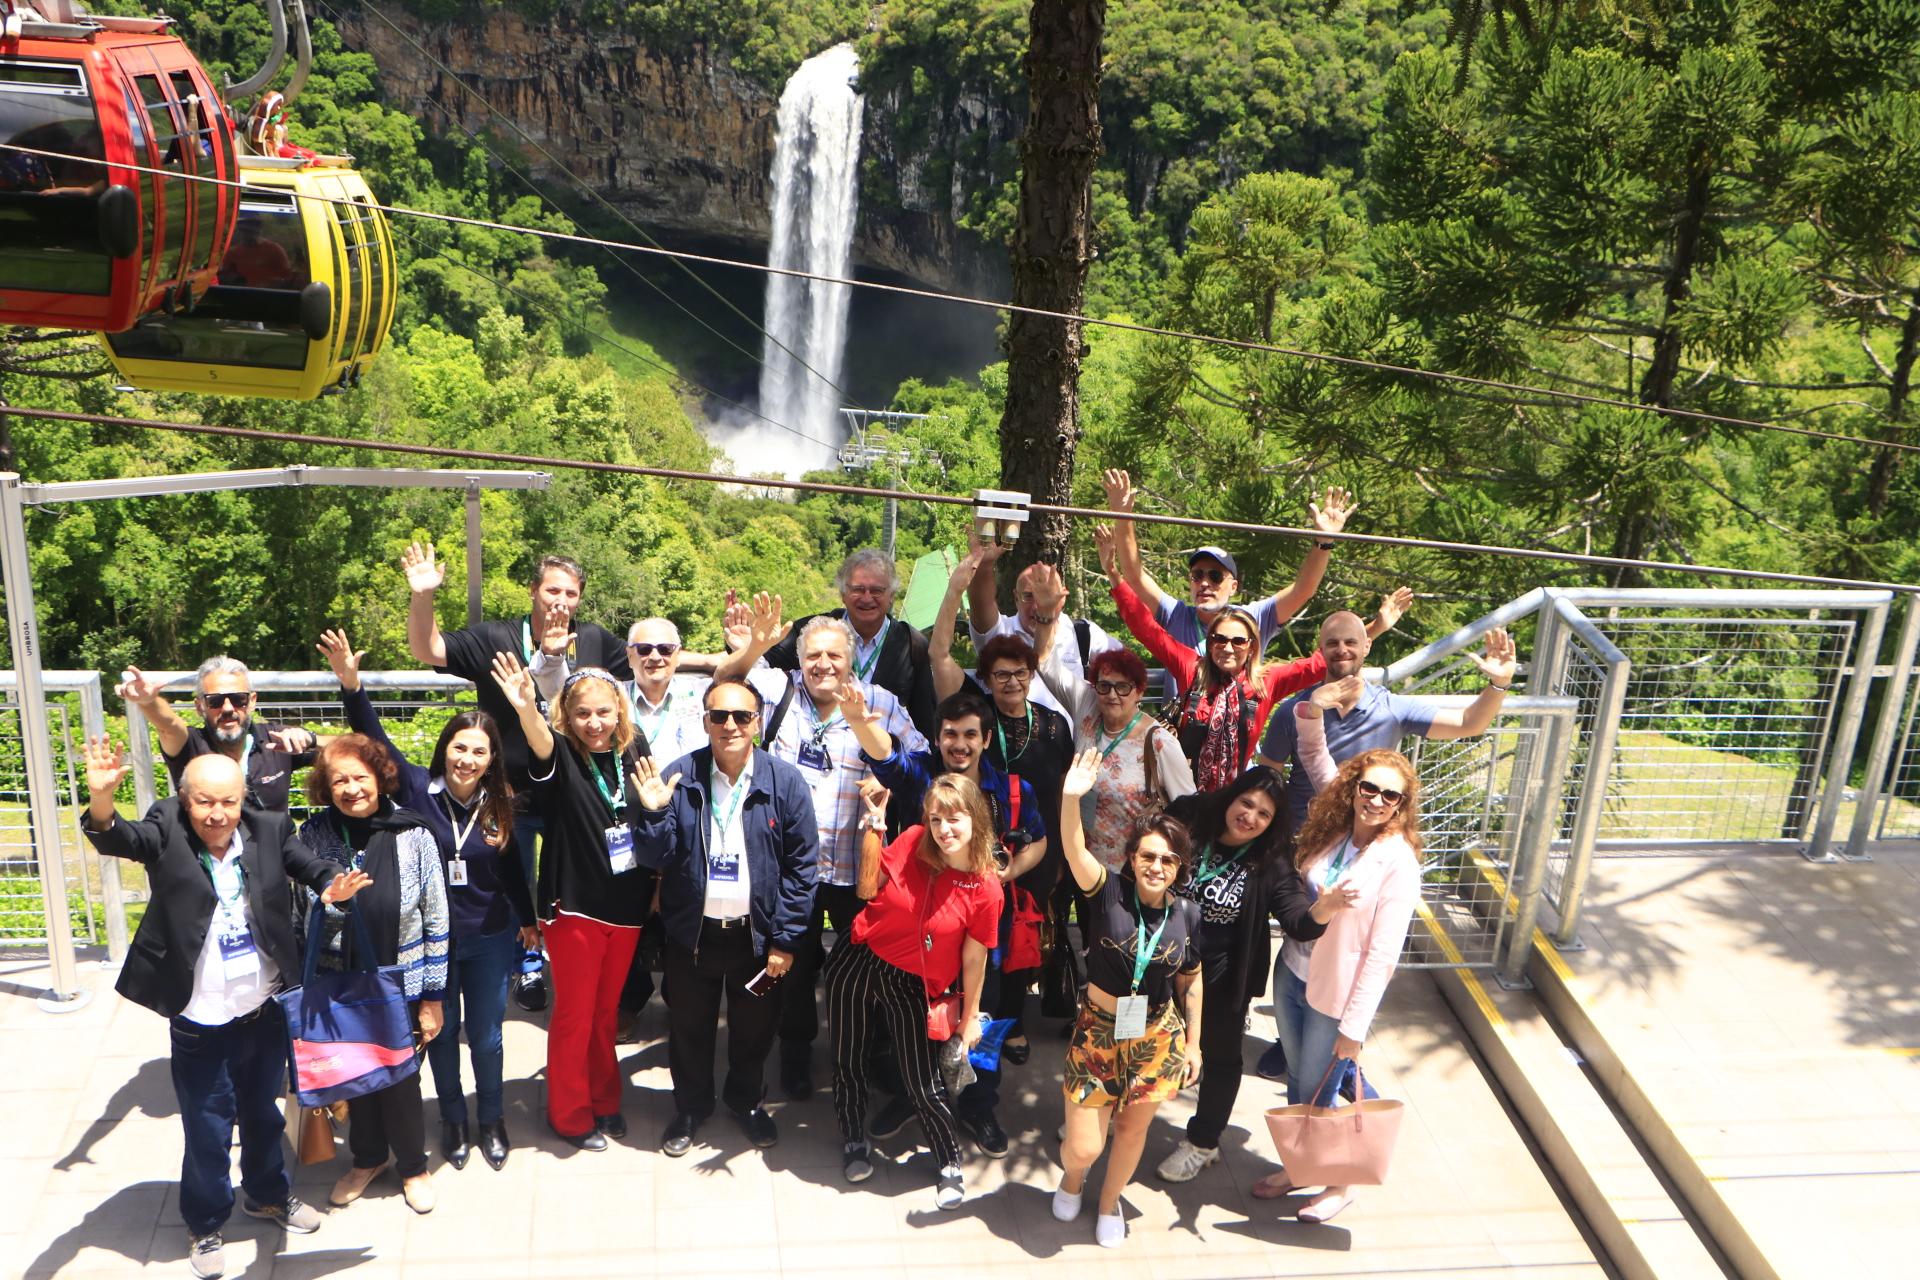 Parques da Serra Bondinhos Aéreos recebe grupo de imprensa durante o Festuris